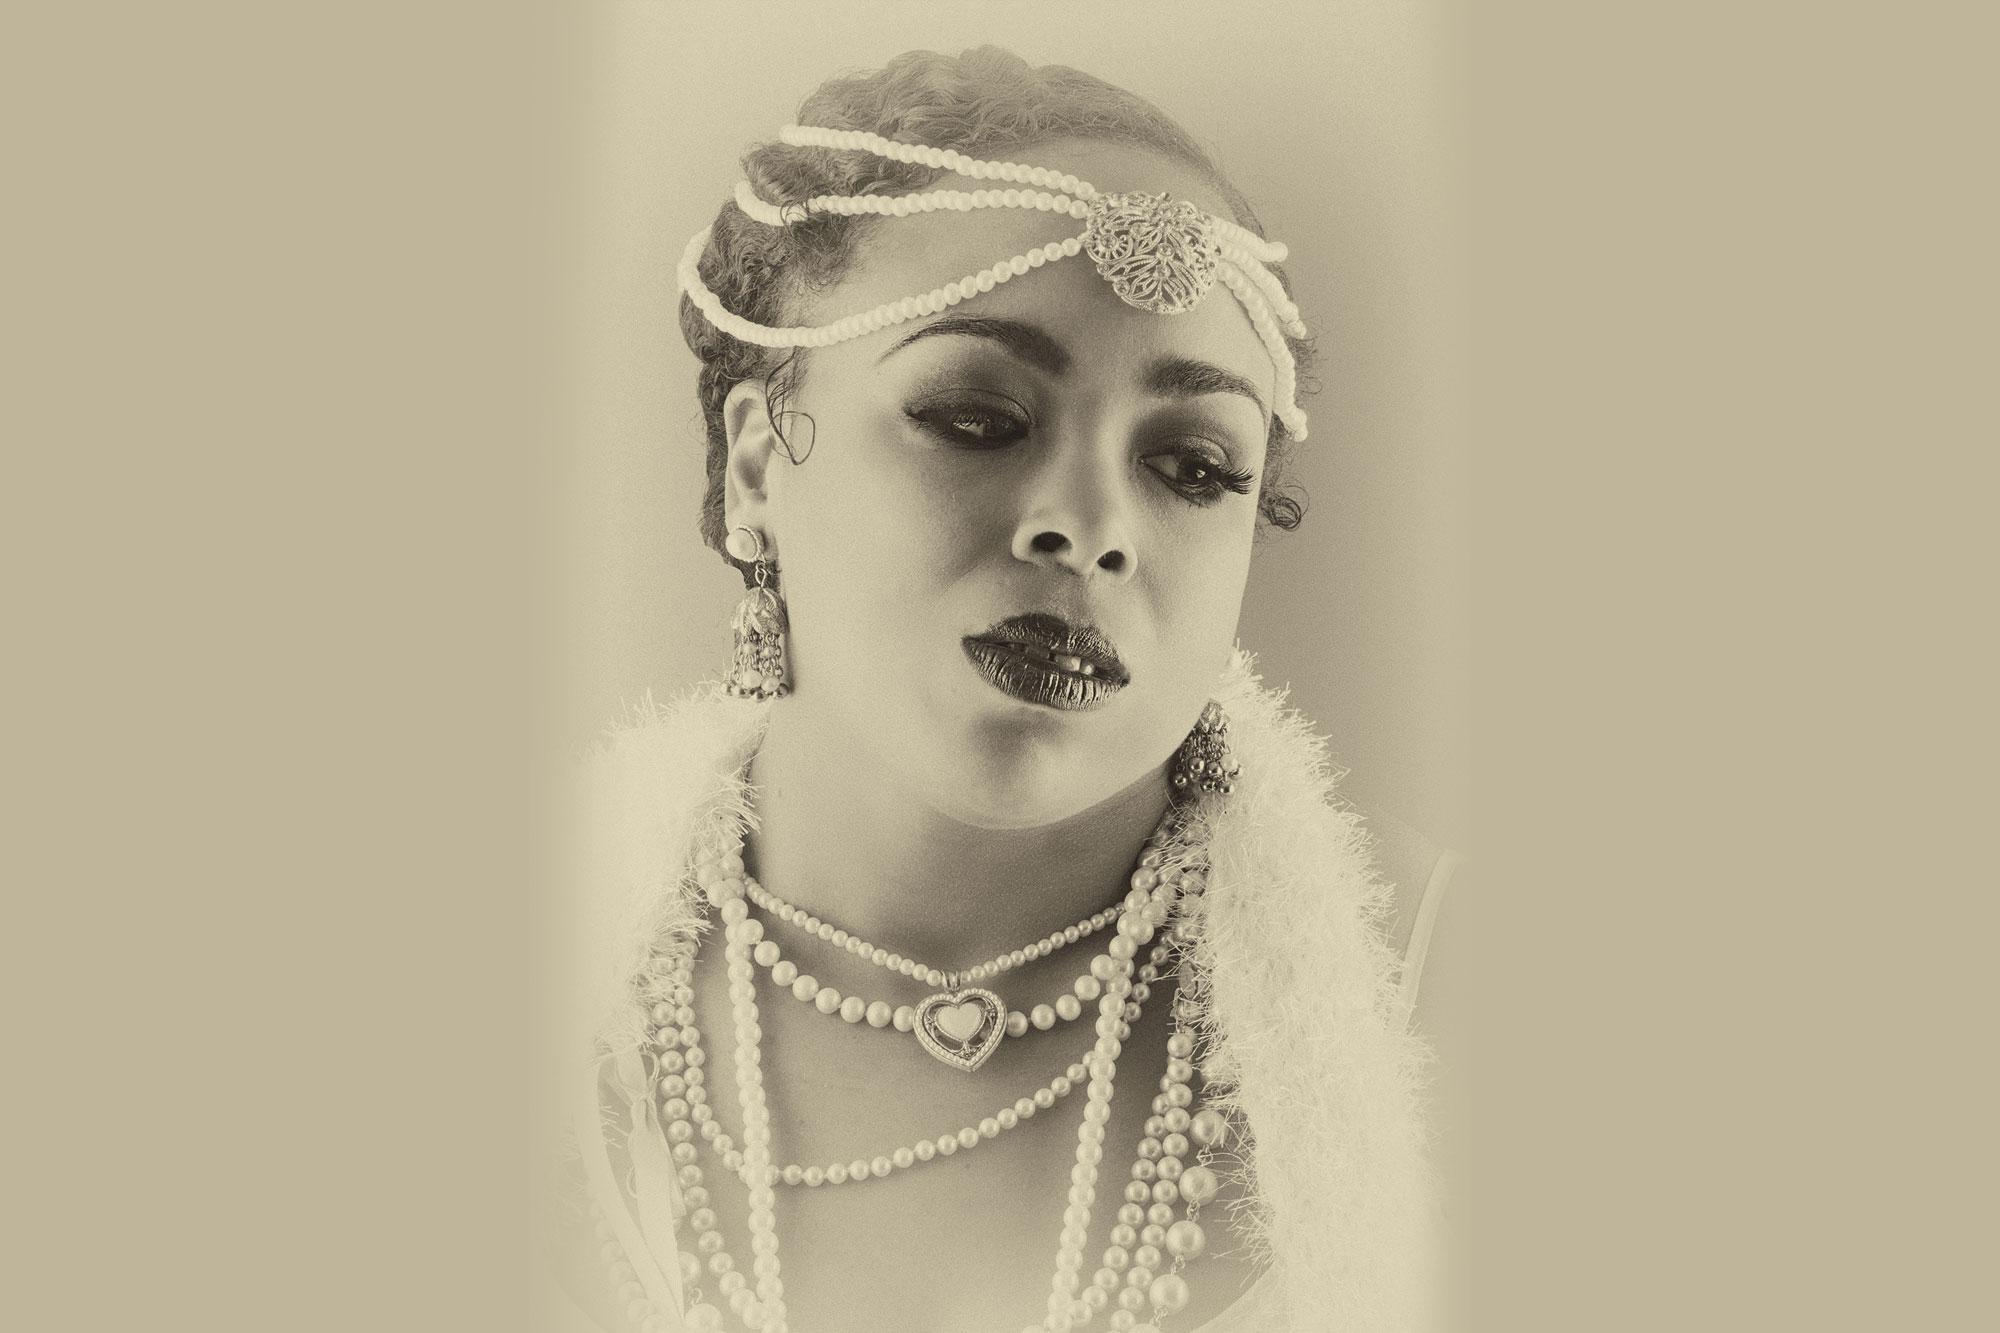 Starke Frauen: Josephine Baker - Erst Bananenrock, dann